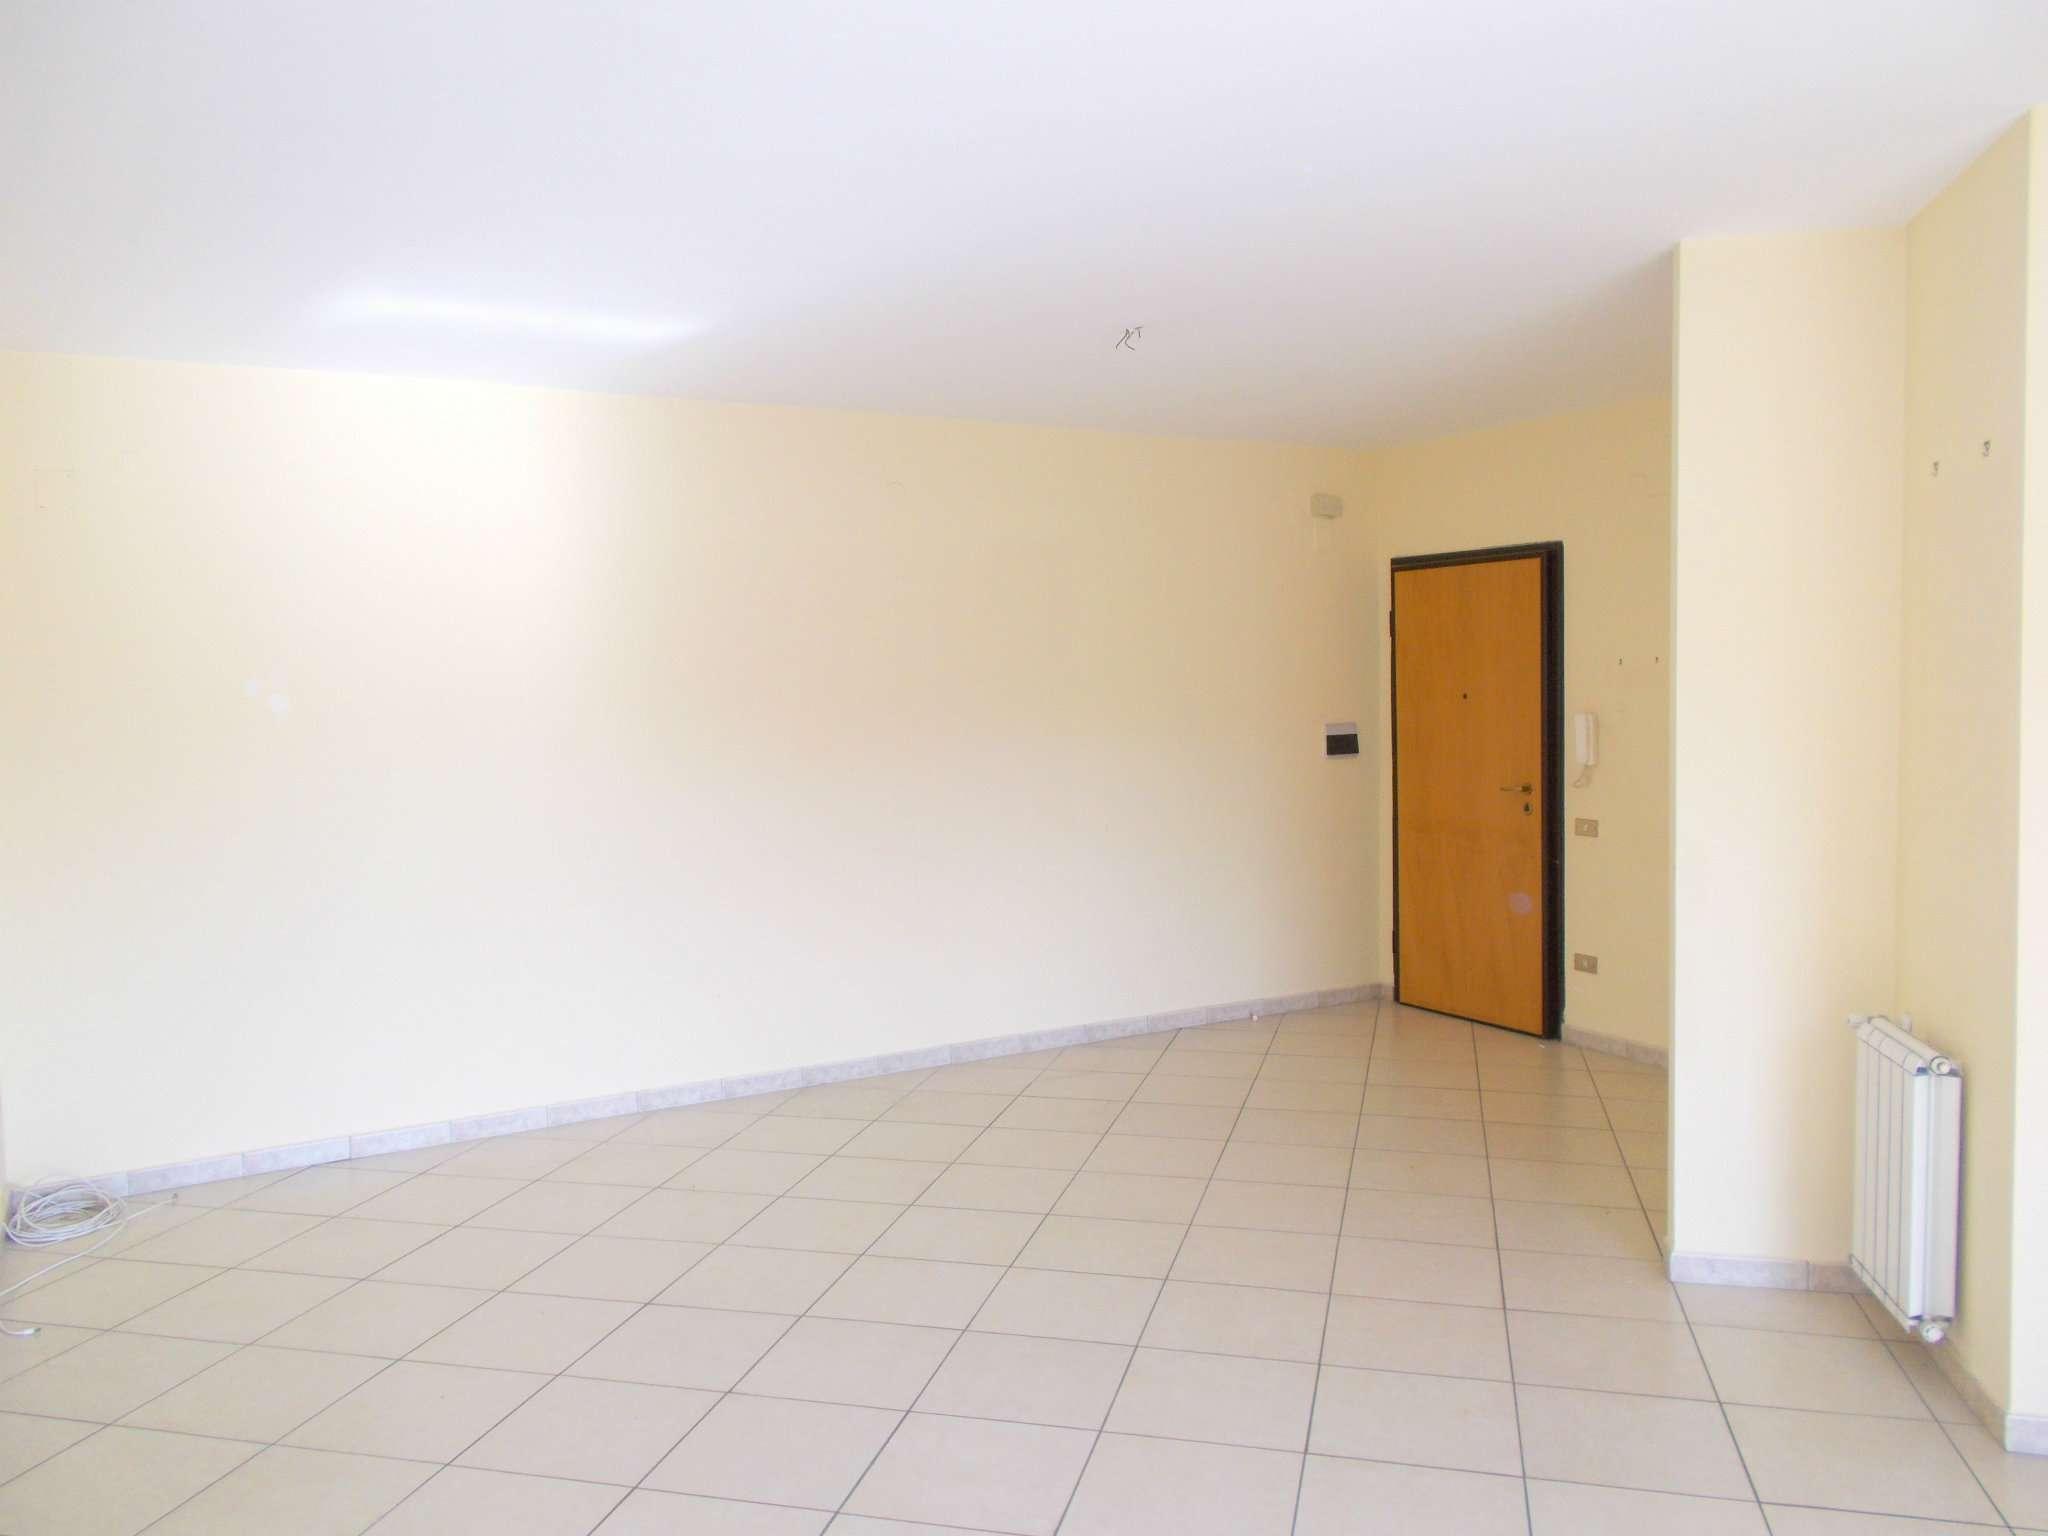 Appartamento in vendita a Santa Maria a Vico, 5 locali, prezzo € 94.000 | Cambio Casa.it